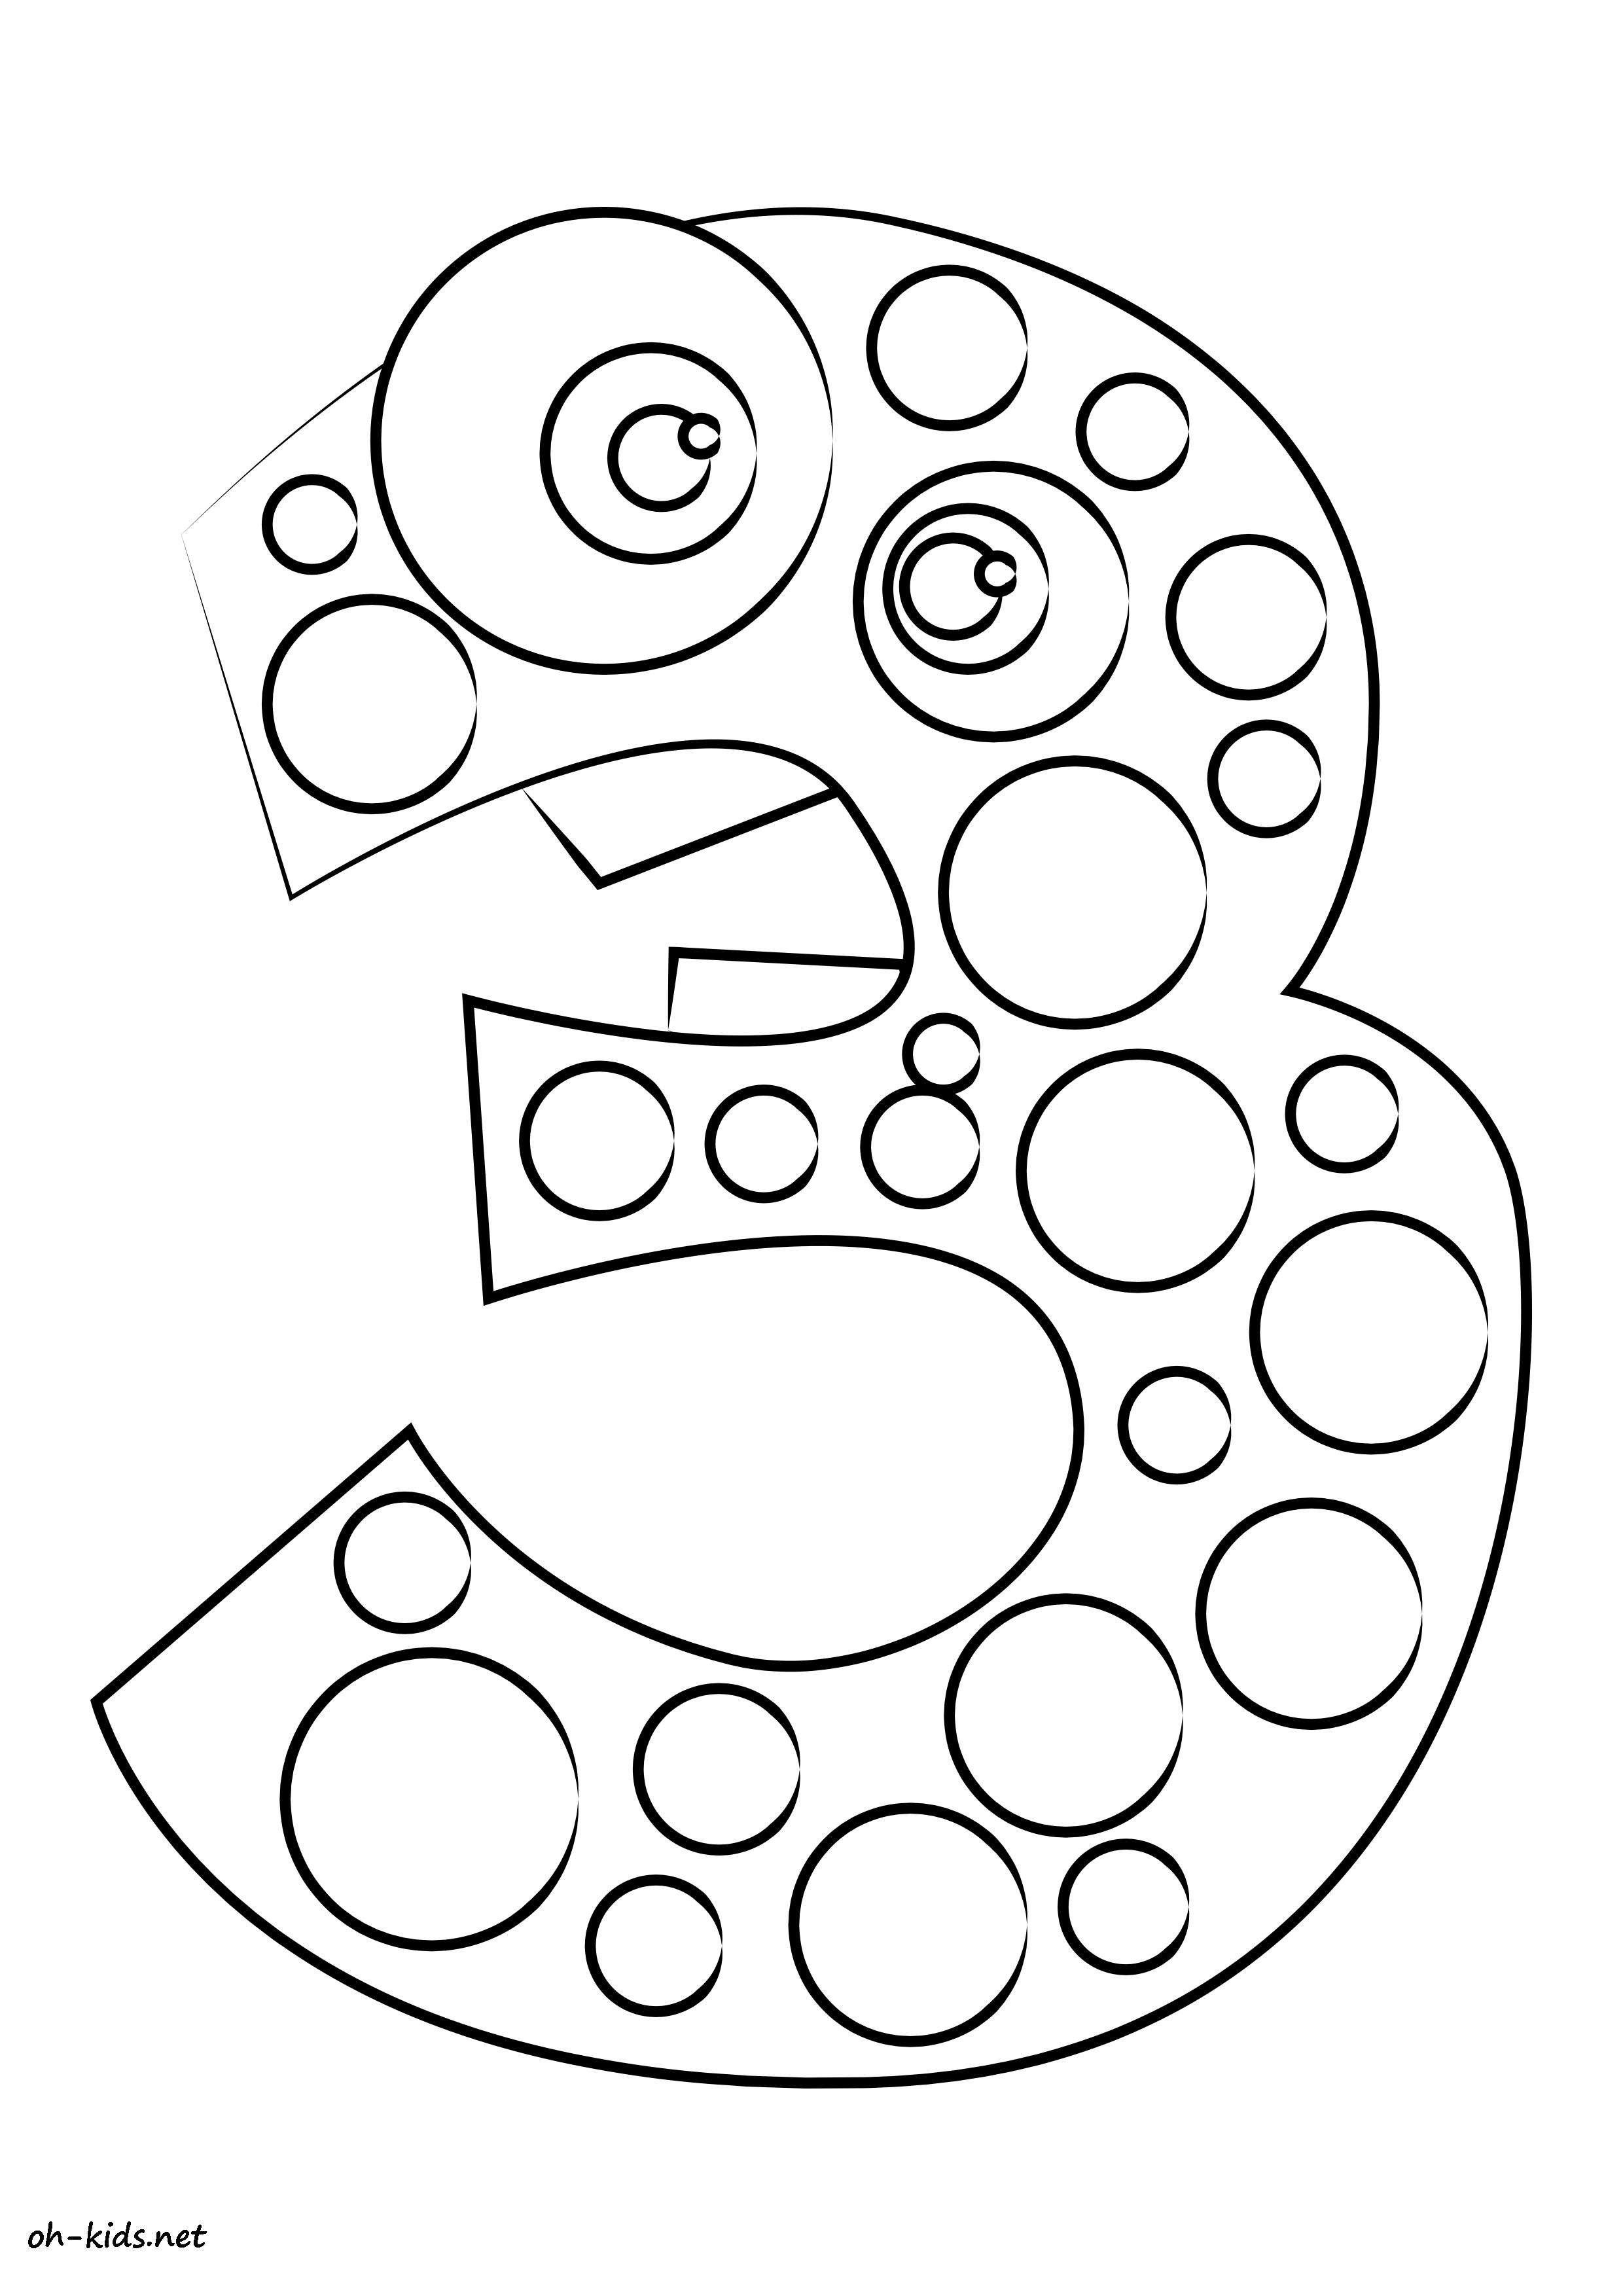 Chiffre 4 dessin perfect aliment art pictural cartes - Coloriage avec des chiffres ...